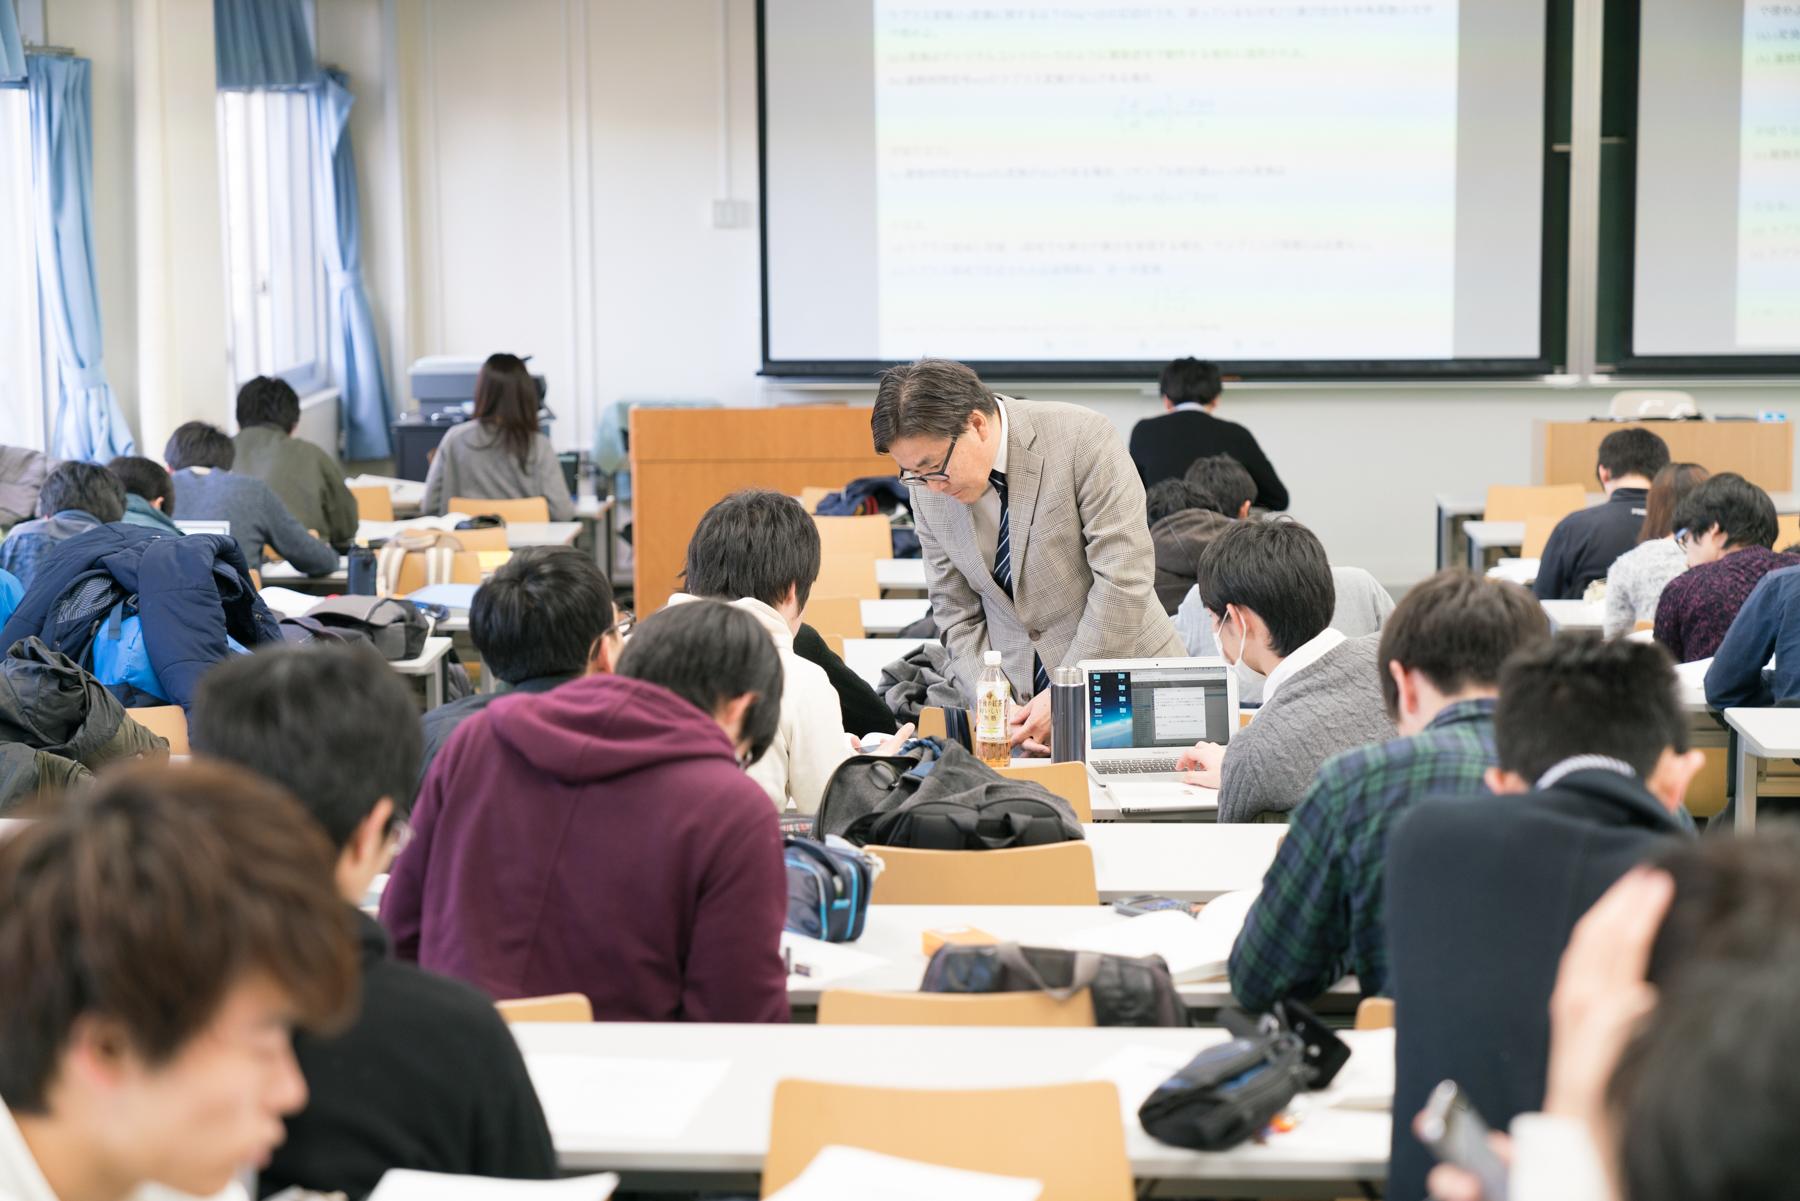 東工大教授の千葉先生が教室を回って回答できているかフォロー